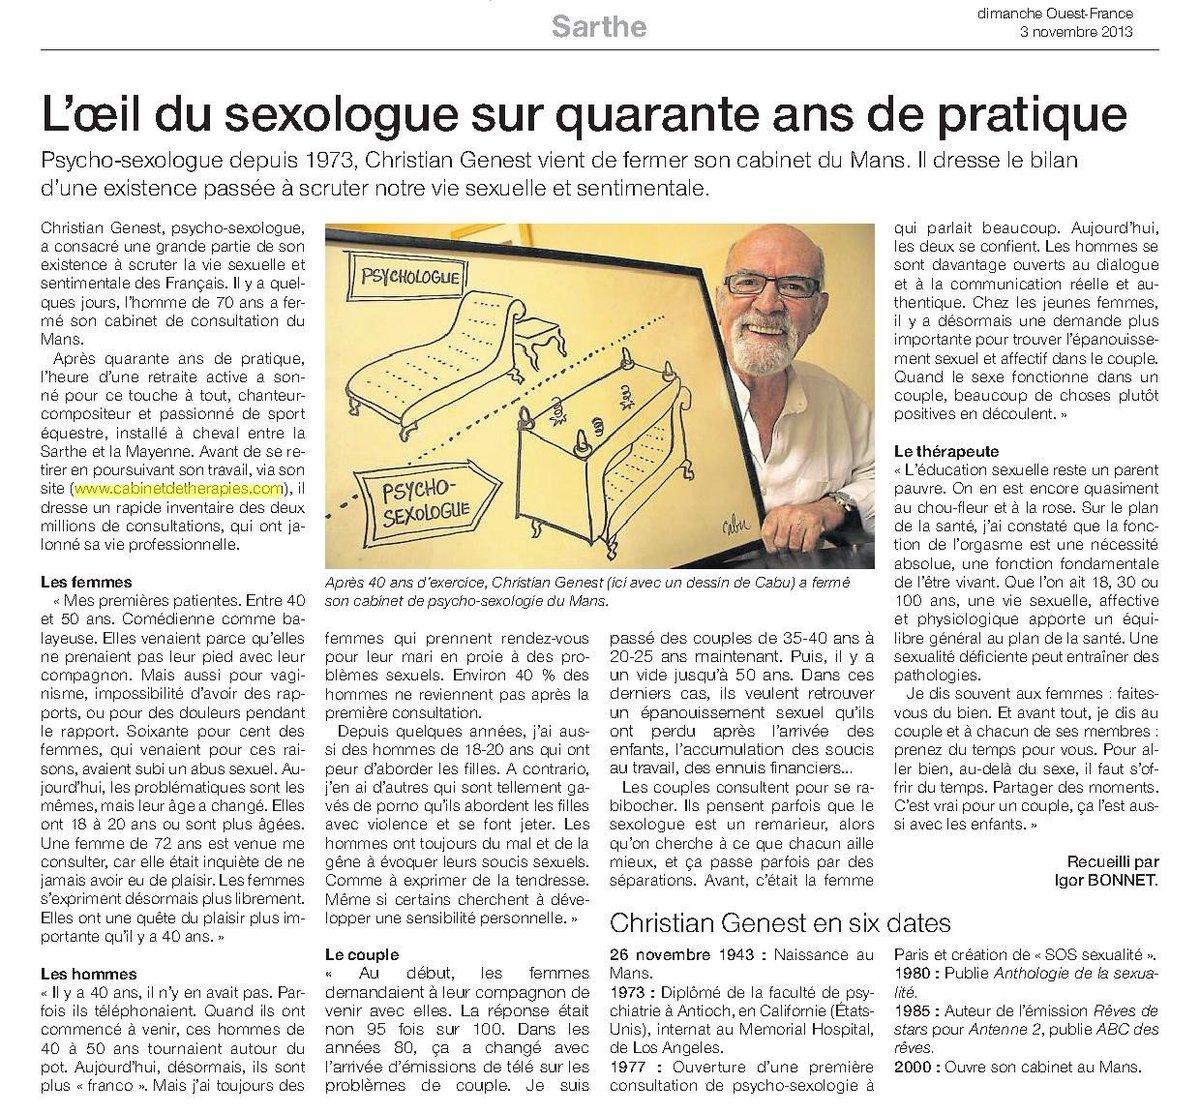 Sandrine, Nymphomane Prête Pour Rencontre 100% Cul à Evreux